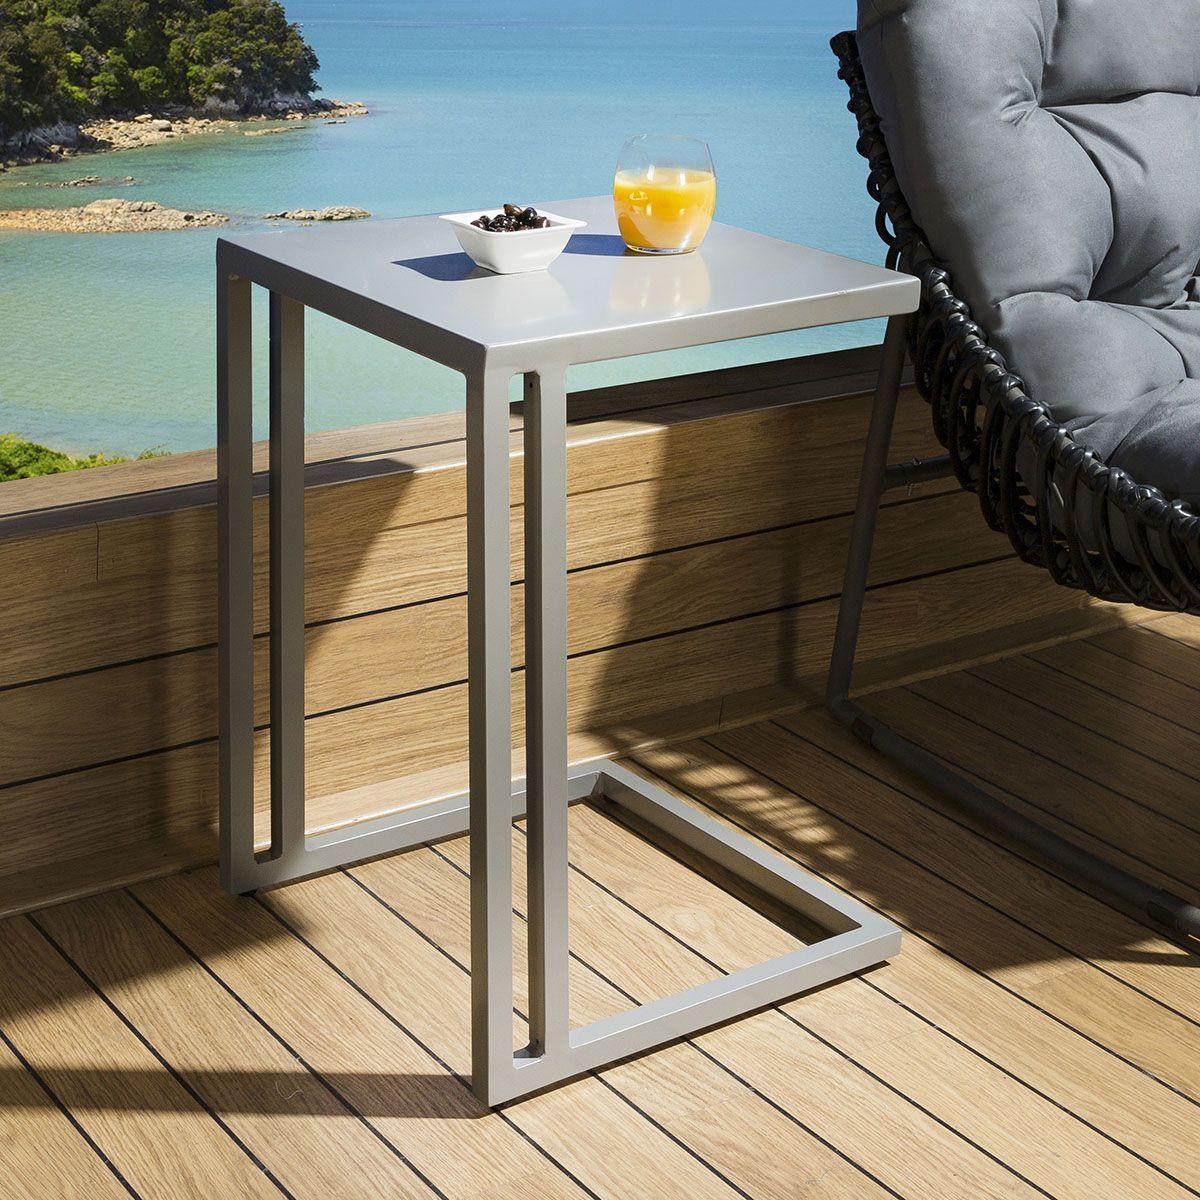 Garden End Table Outdoor Sofa Table Aluminium Grey Rectangular